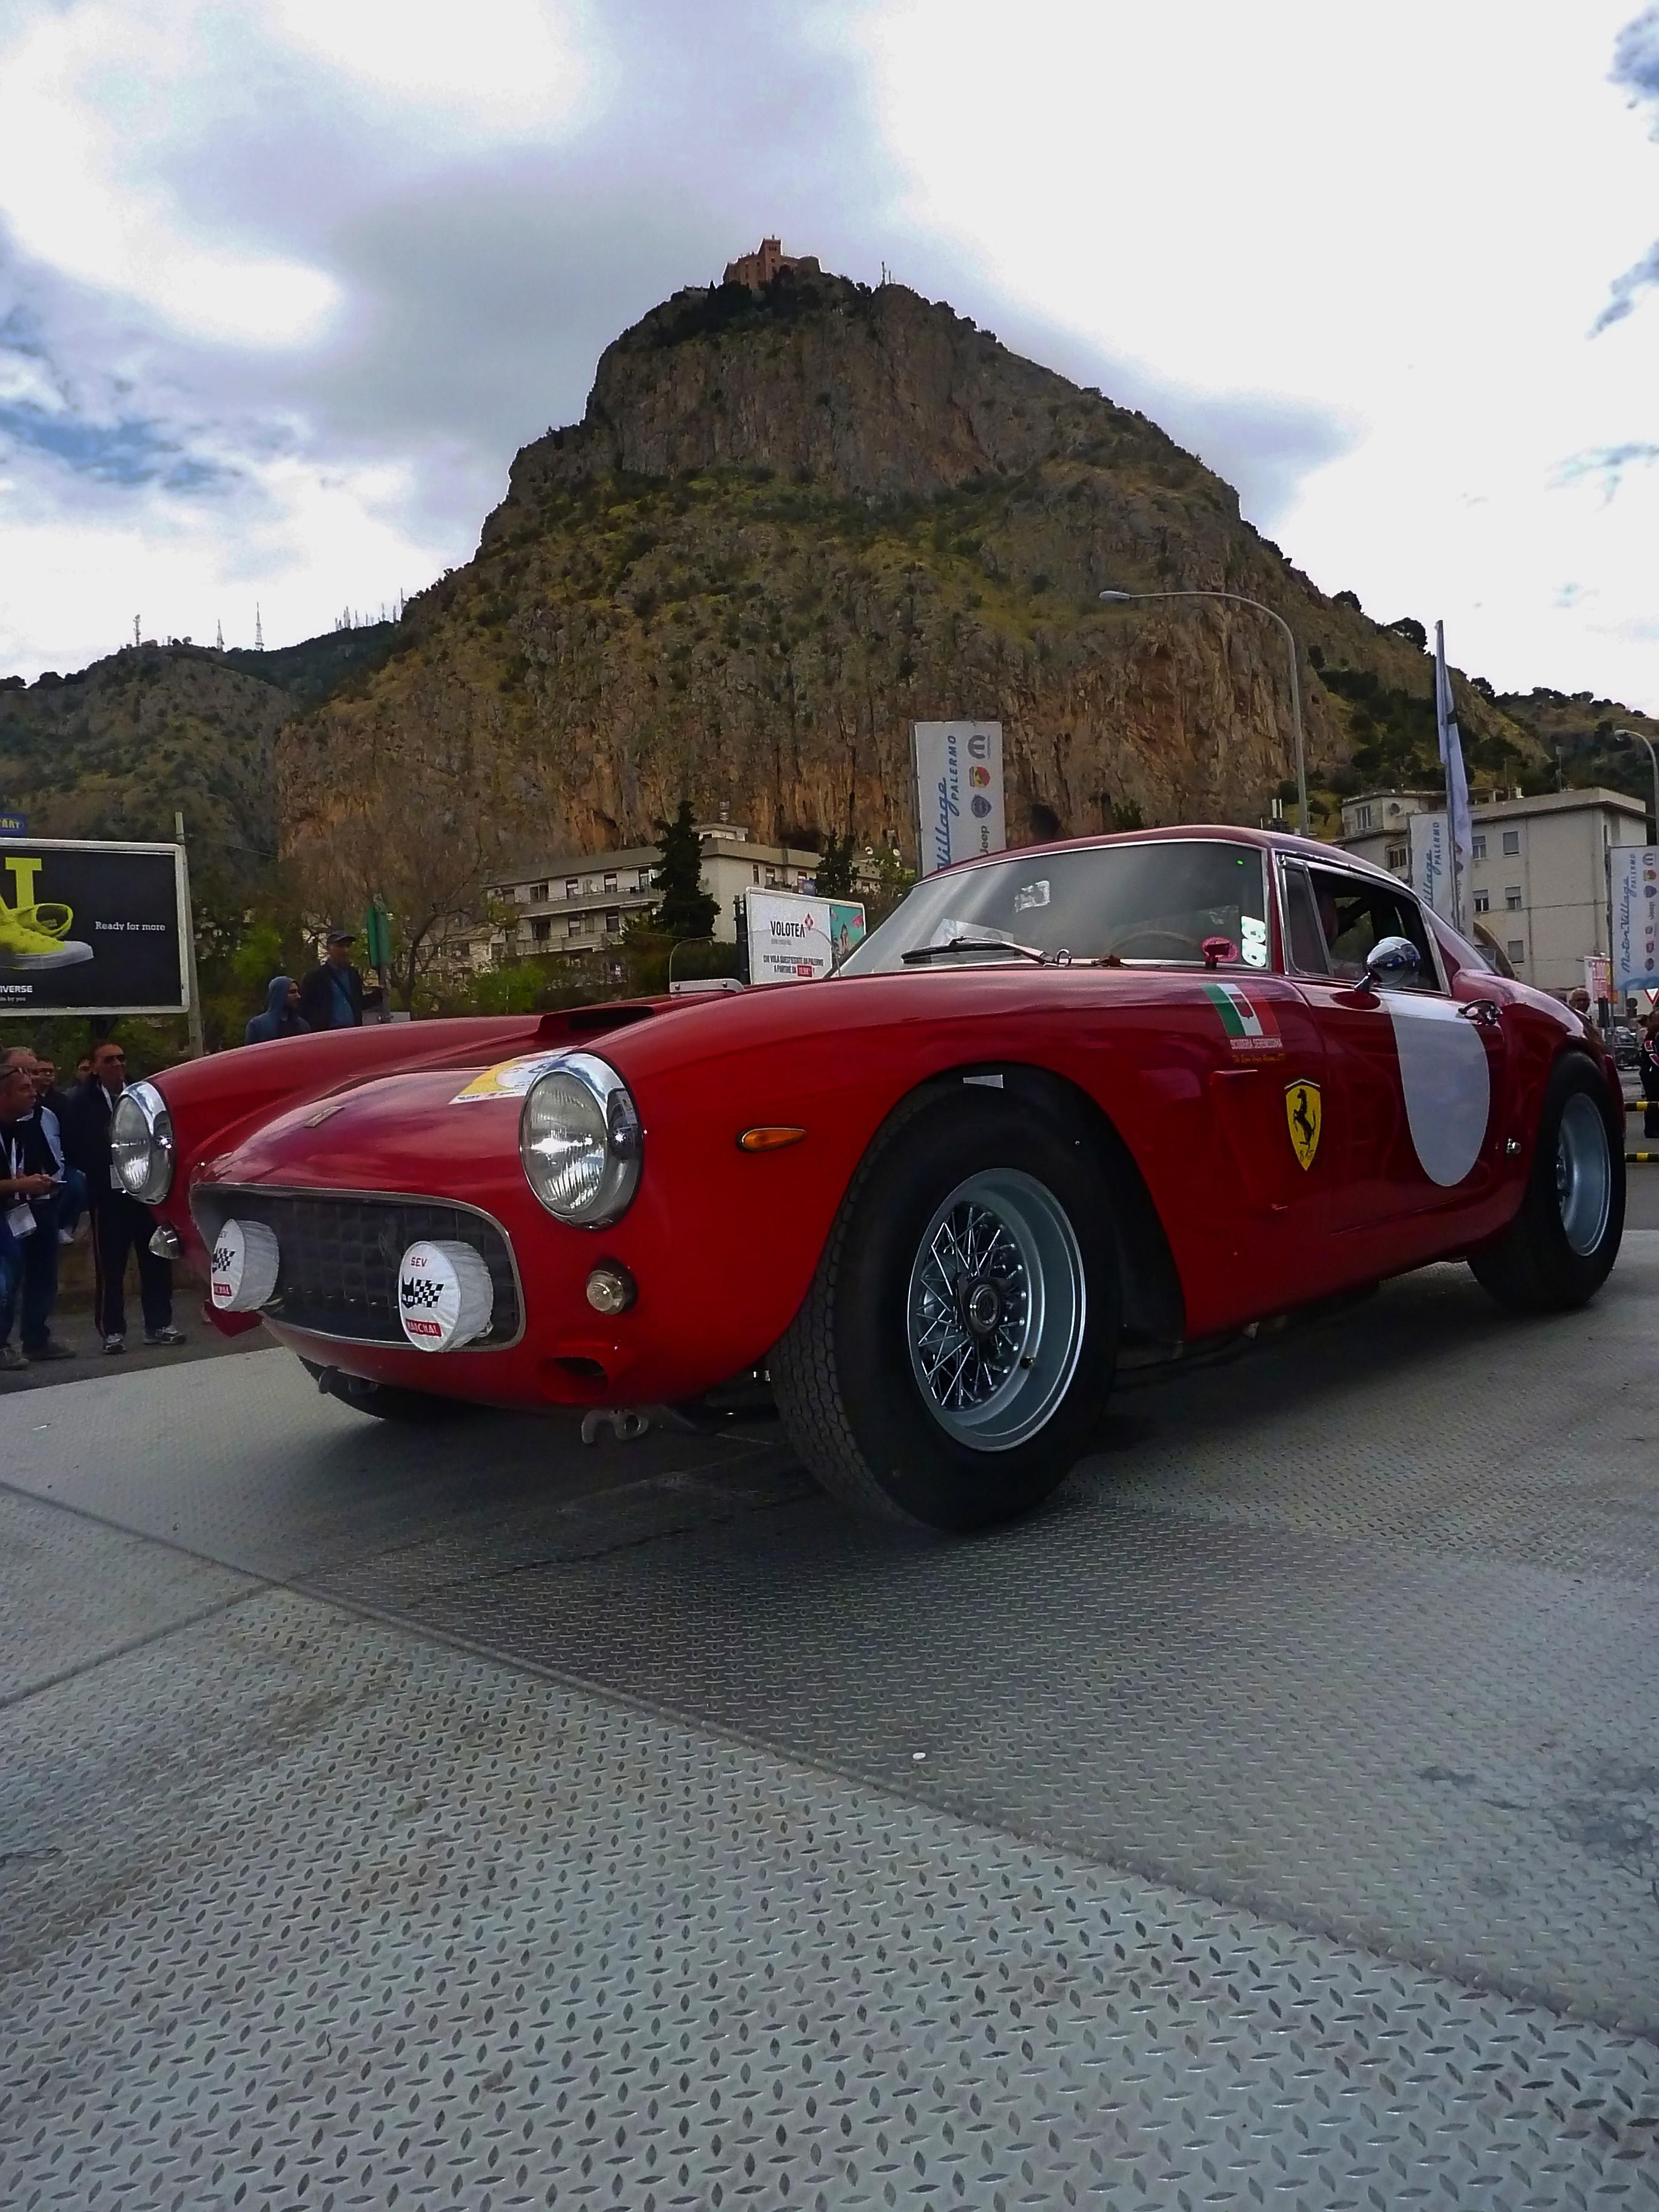 1961 Ferrari 250 GT SWB #2701 (78)_filtered